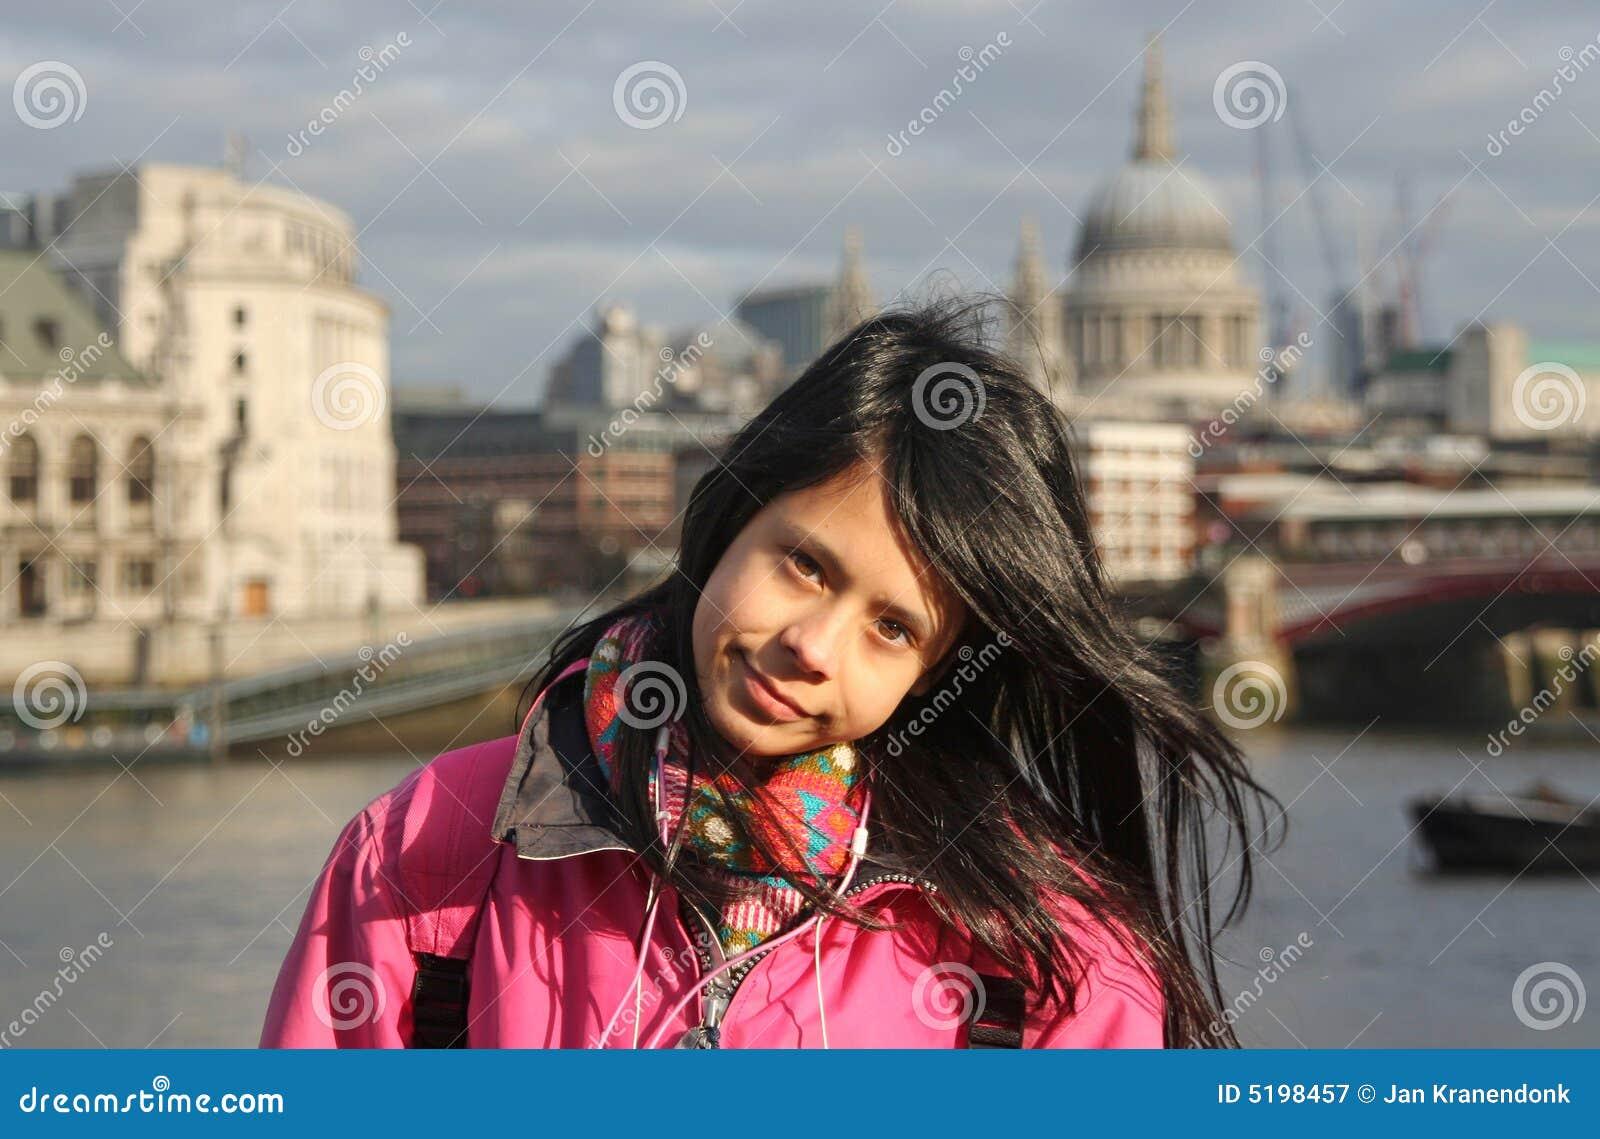 Schwarzes Mädchen aus london